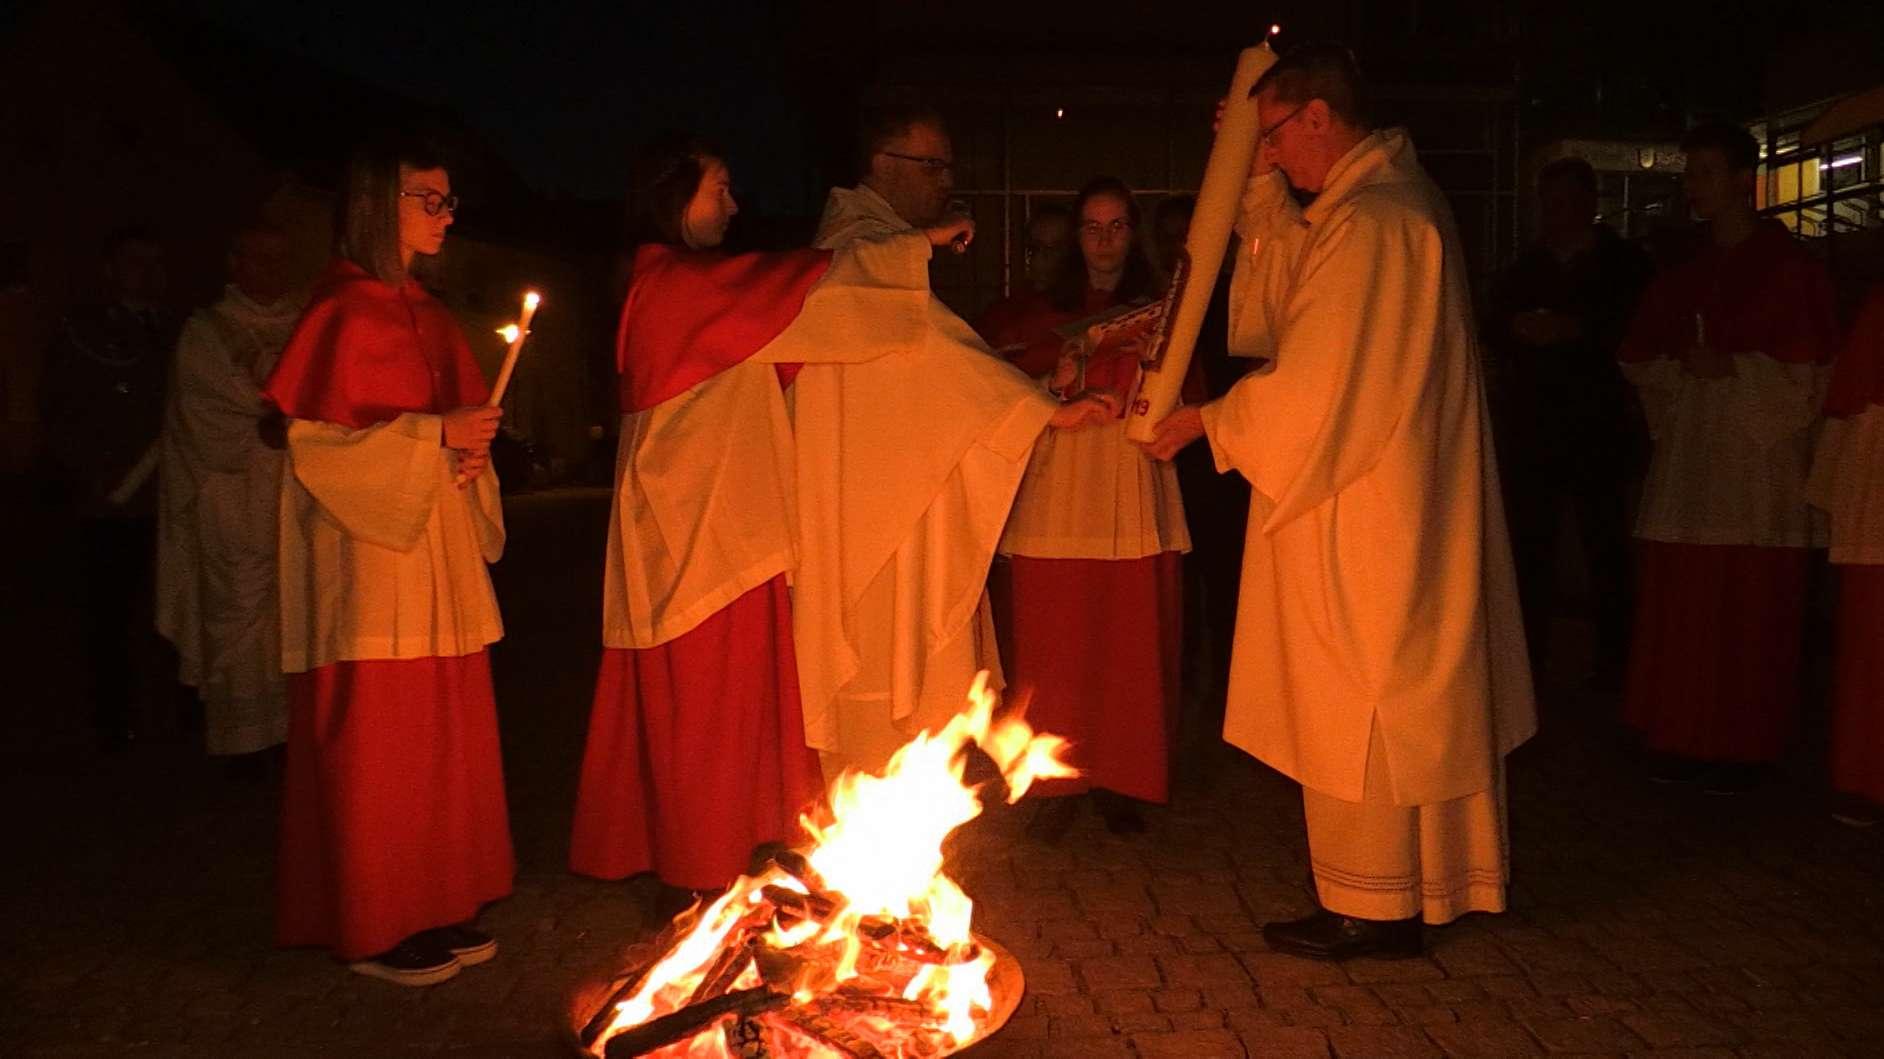 Die Osterkerze wurde am Feuer auf dem Kirchplatz entzündet